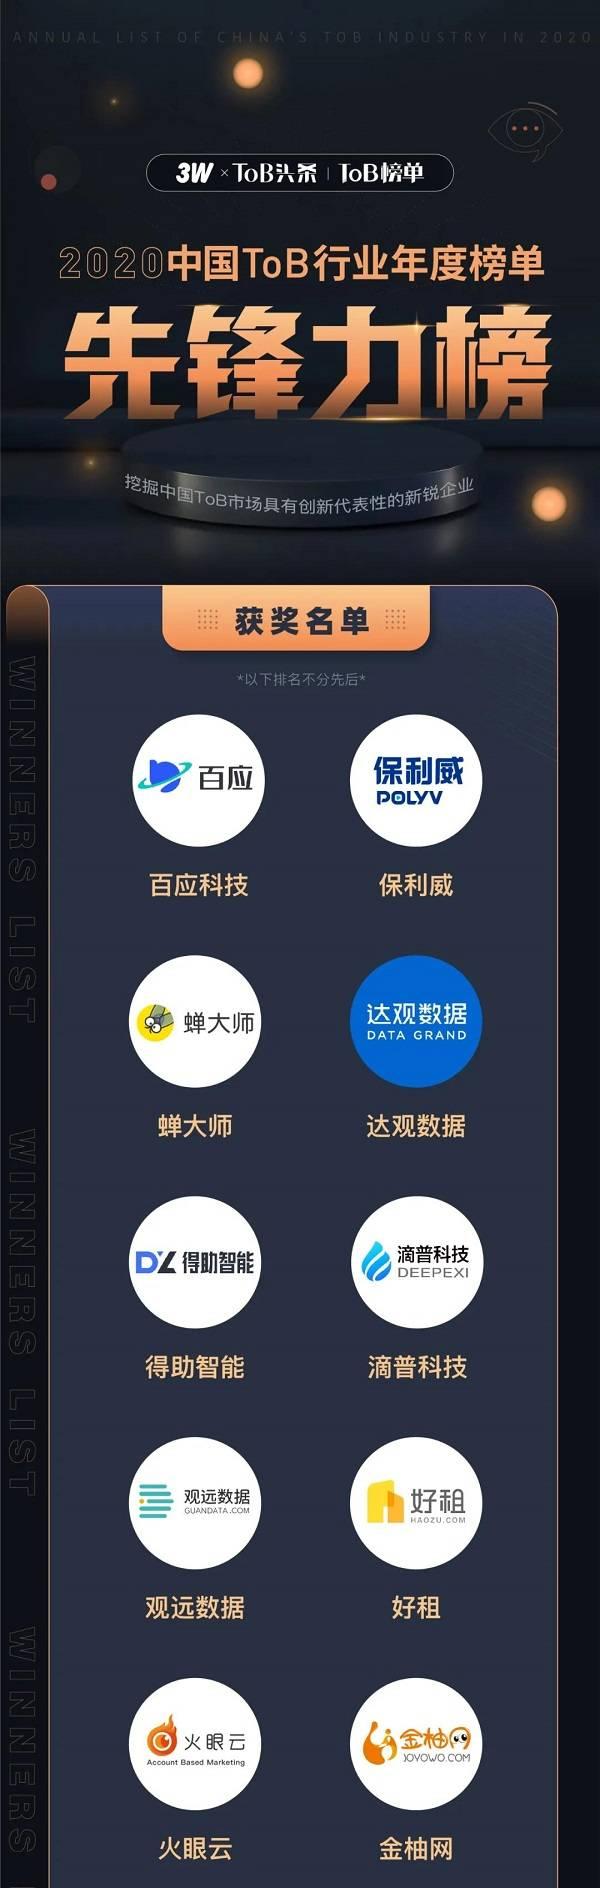 行业年度榜单出炉!保利威获评2020中国ToB行业年度先锋力榜企业